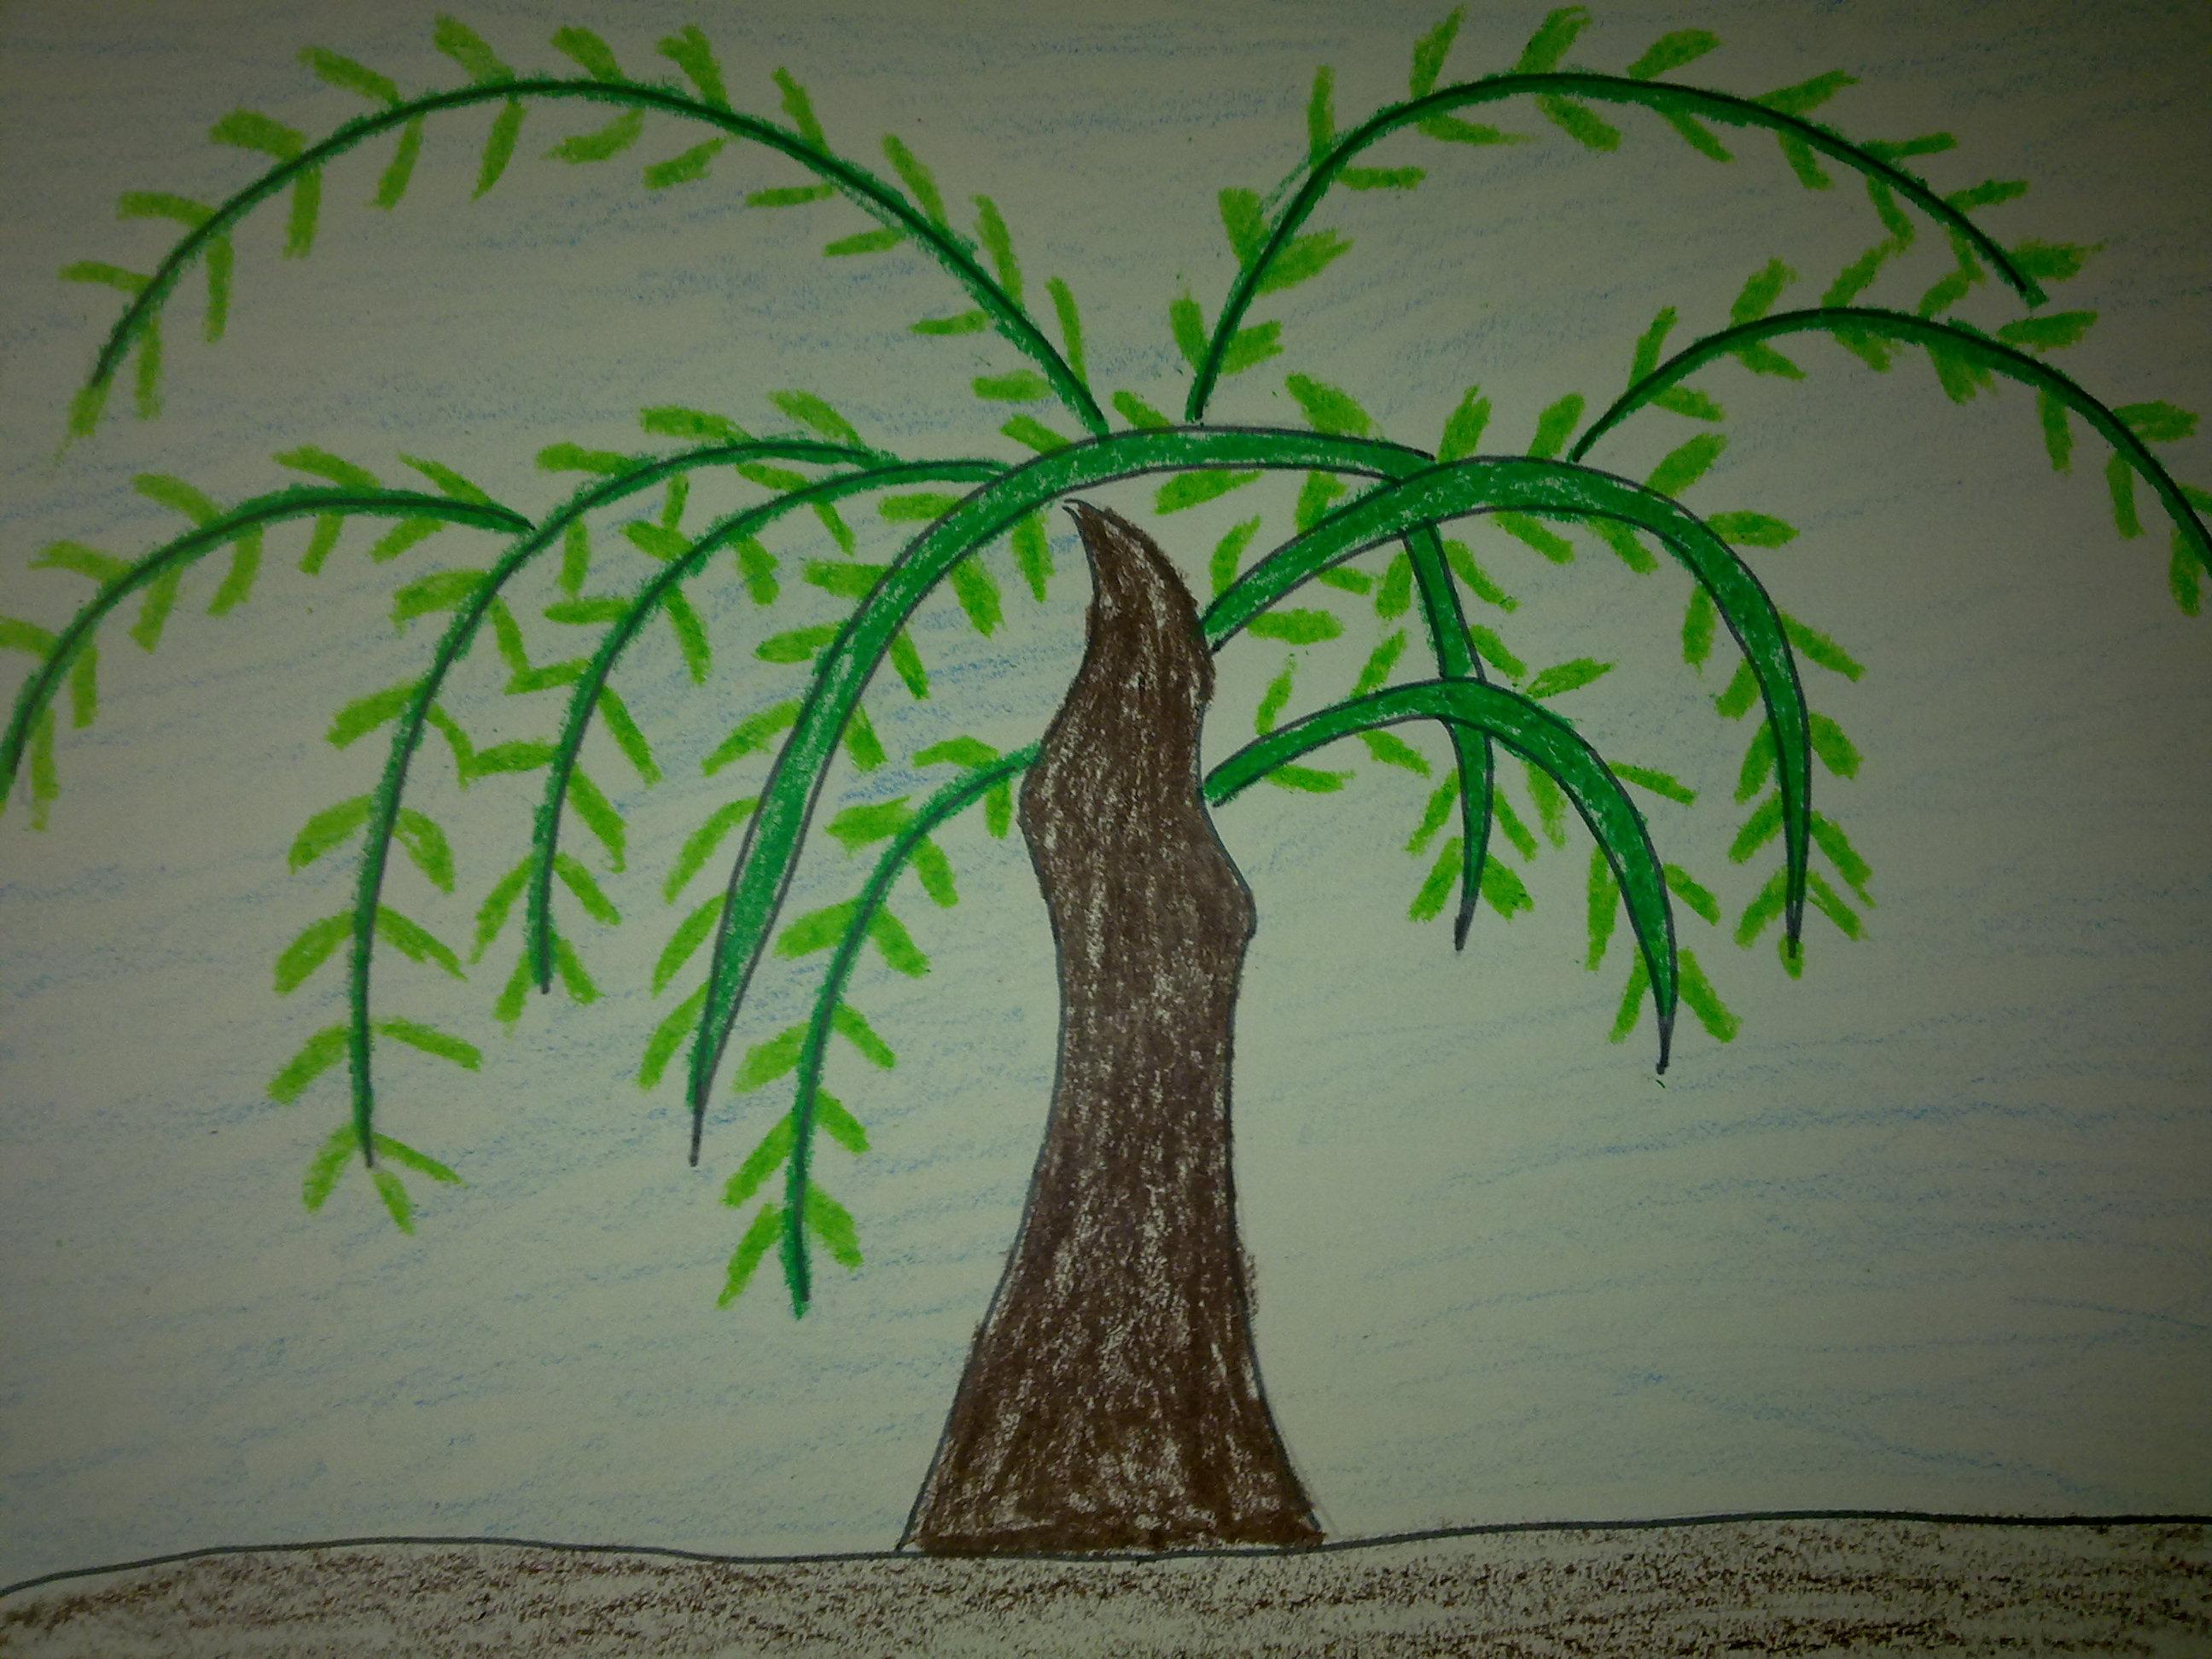 儿童国画教程:柳树的绘画方法   教一年级小朋友画画的教程步骤或者